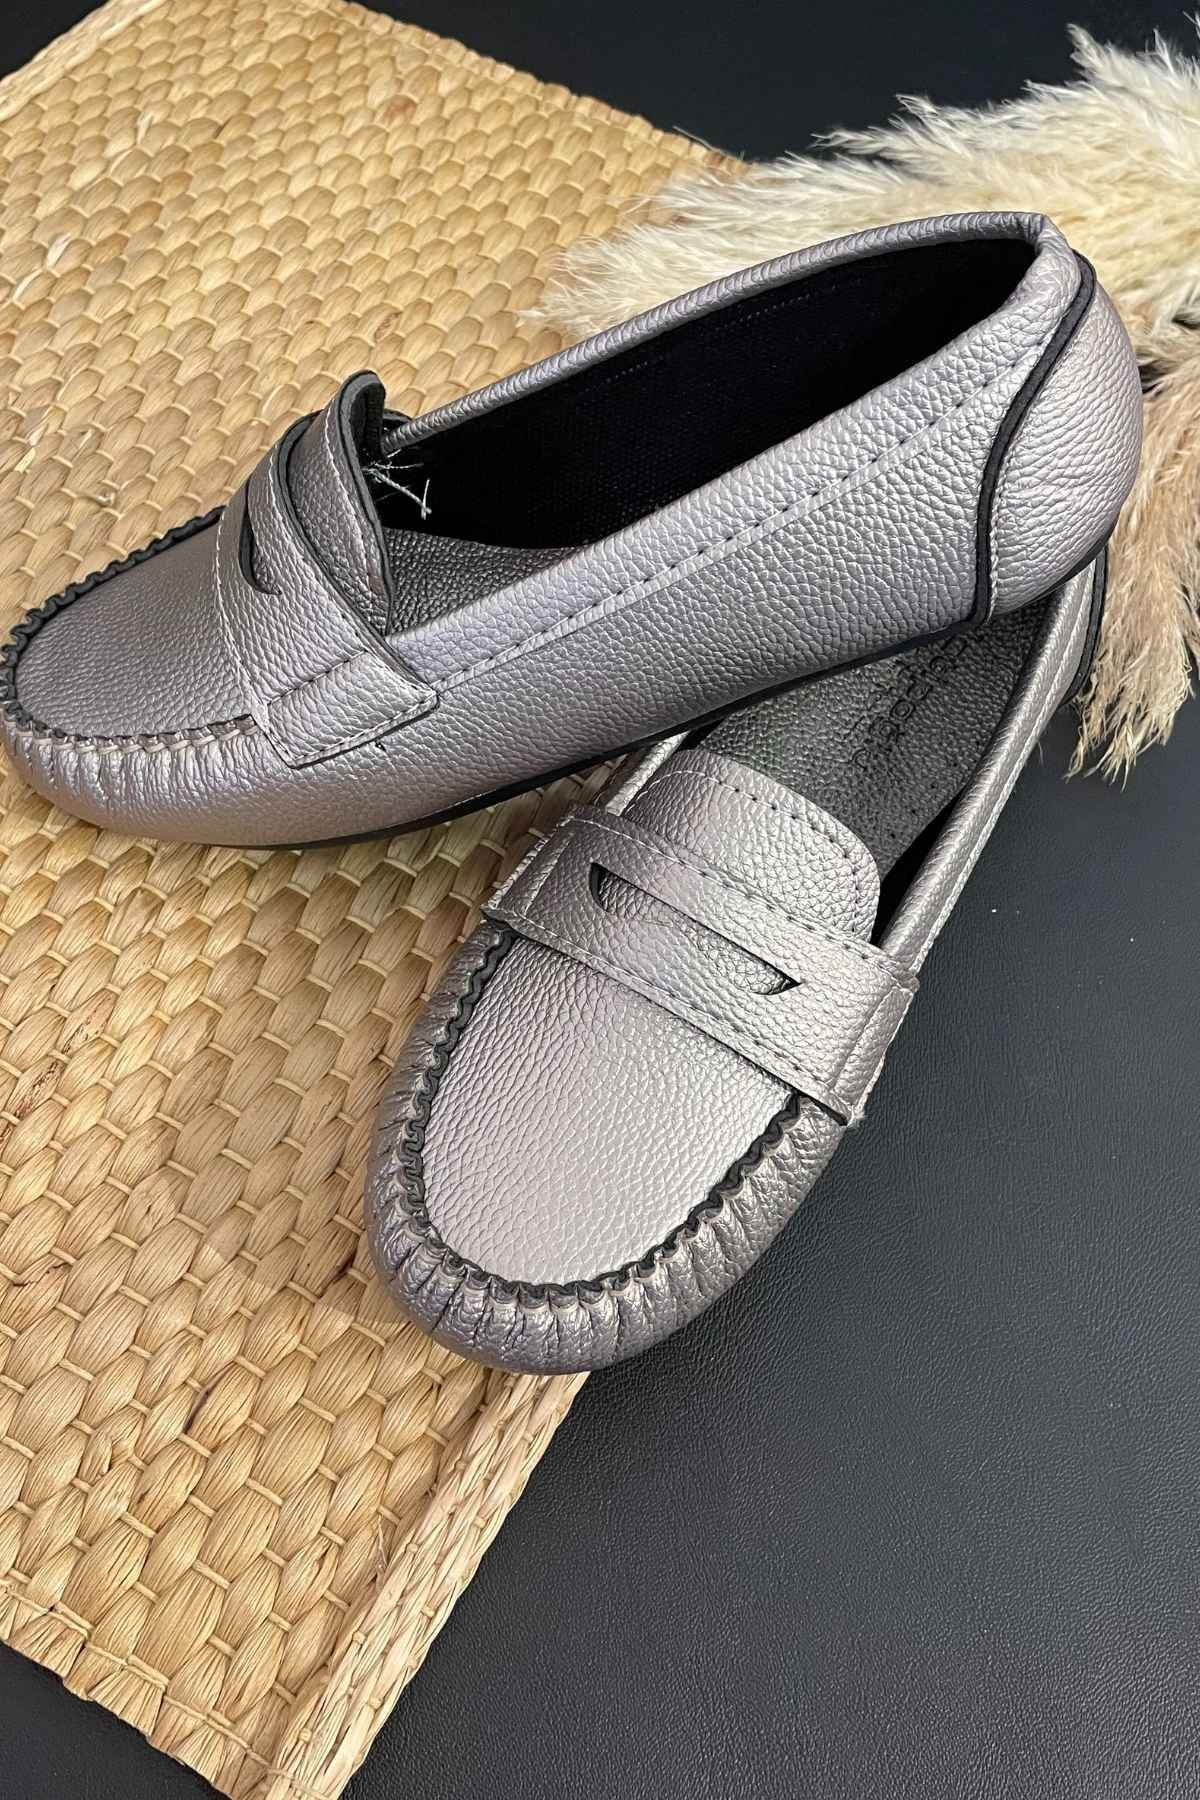 Sohe Gümüş Deri Mokasen Rok Babet Ayakkabı